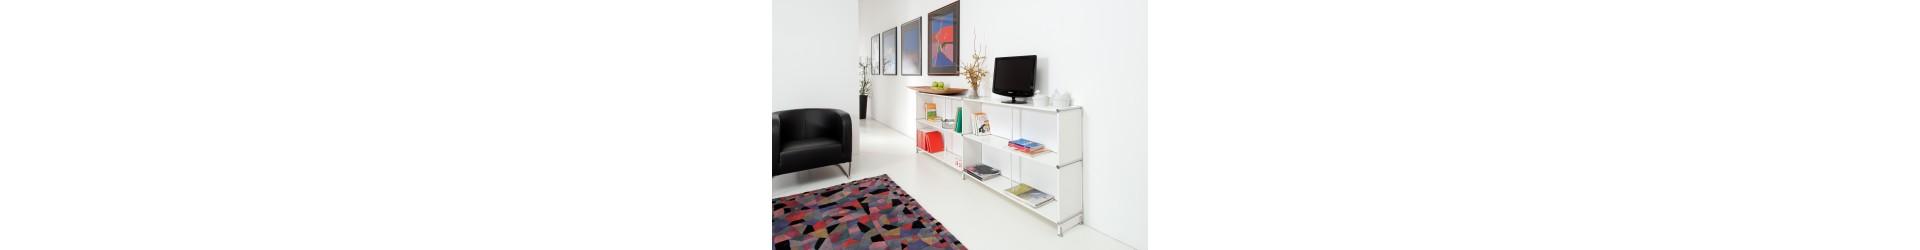 Möbel, Objekte und Design